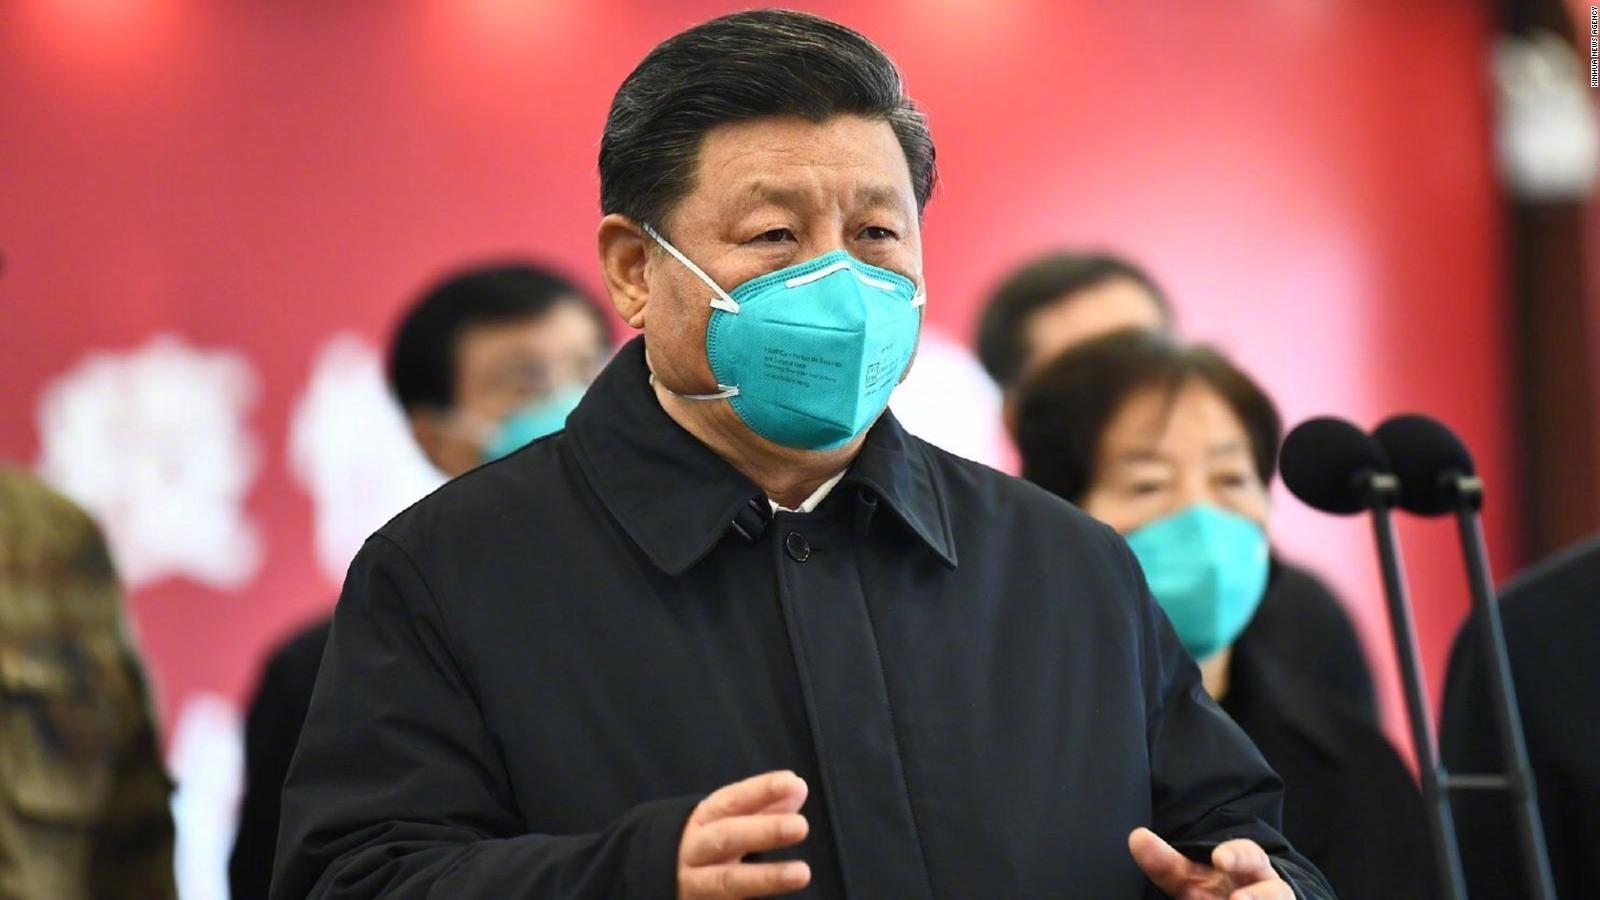 الرئيس الصيني يدعو مشاة البحرية